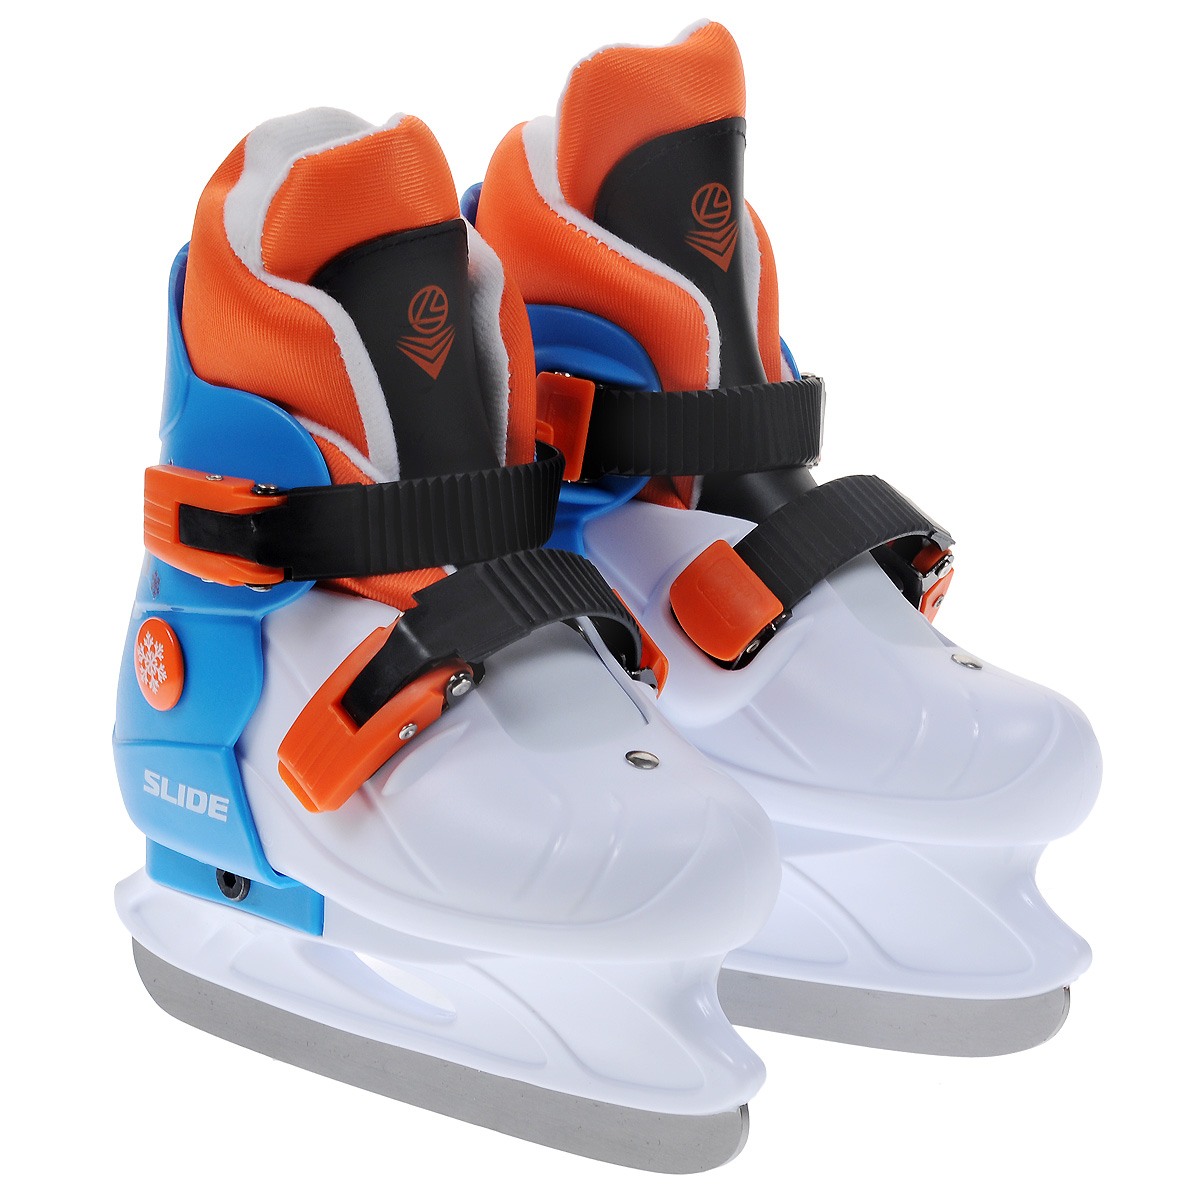 Коньки ледовые детские Larsen Slide, раздвижные, цвет: белый, голубой, оранжевый. Размер M (33/36)SlideДетские ледовые коньки Slide от Larsen отлично подойдут для начинающих обучаться катанию. Ботинки изготовлены из морозостойкого полипропилена, который защитит ноги от ударов. Пластиковые регулируемые бакли надежно фиксируют голеностоп. Внутренний сапожок выполнен из мягкого текстильного материала с поролоновой вставкой, который обеспечит тепло и комфорт во время катания.Лезвие выполнено из нержавеющей стали.Особенностью коньков является раздвижная конструкция, которая позволяет увеличивать размер ботинка по мере роста ноги ребенка. У сапожка пяточная часть крепится при помощи липучек, что также позволит увеличить размер.Температура использования: до -20°С.